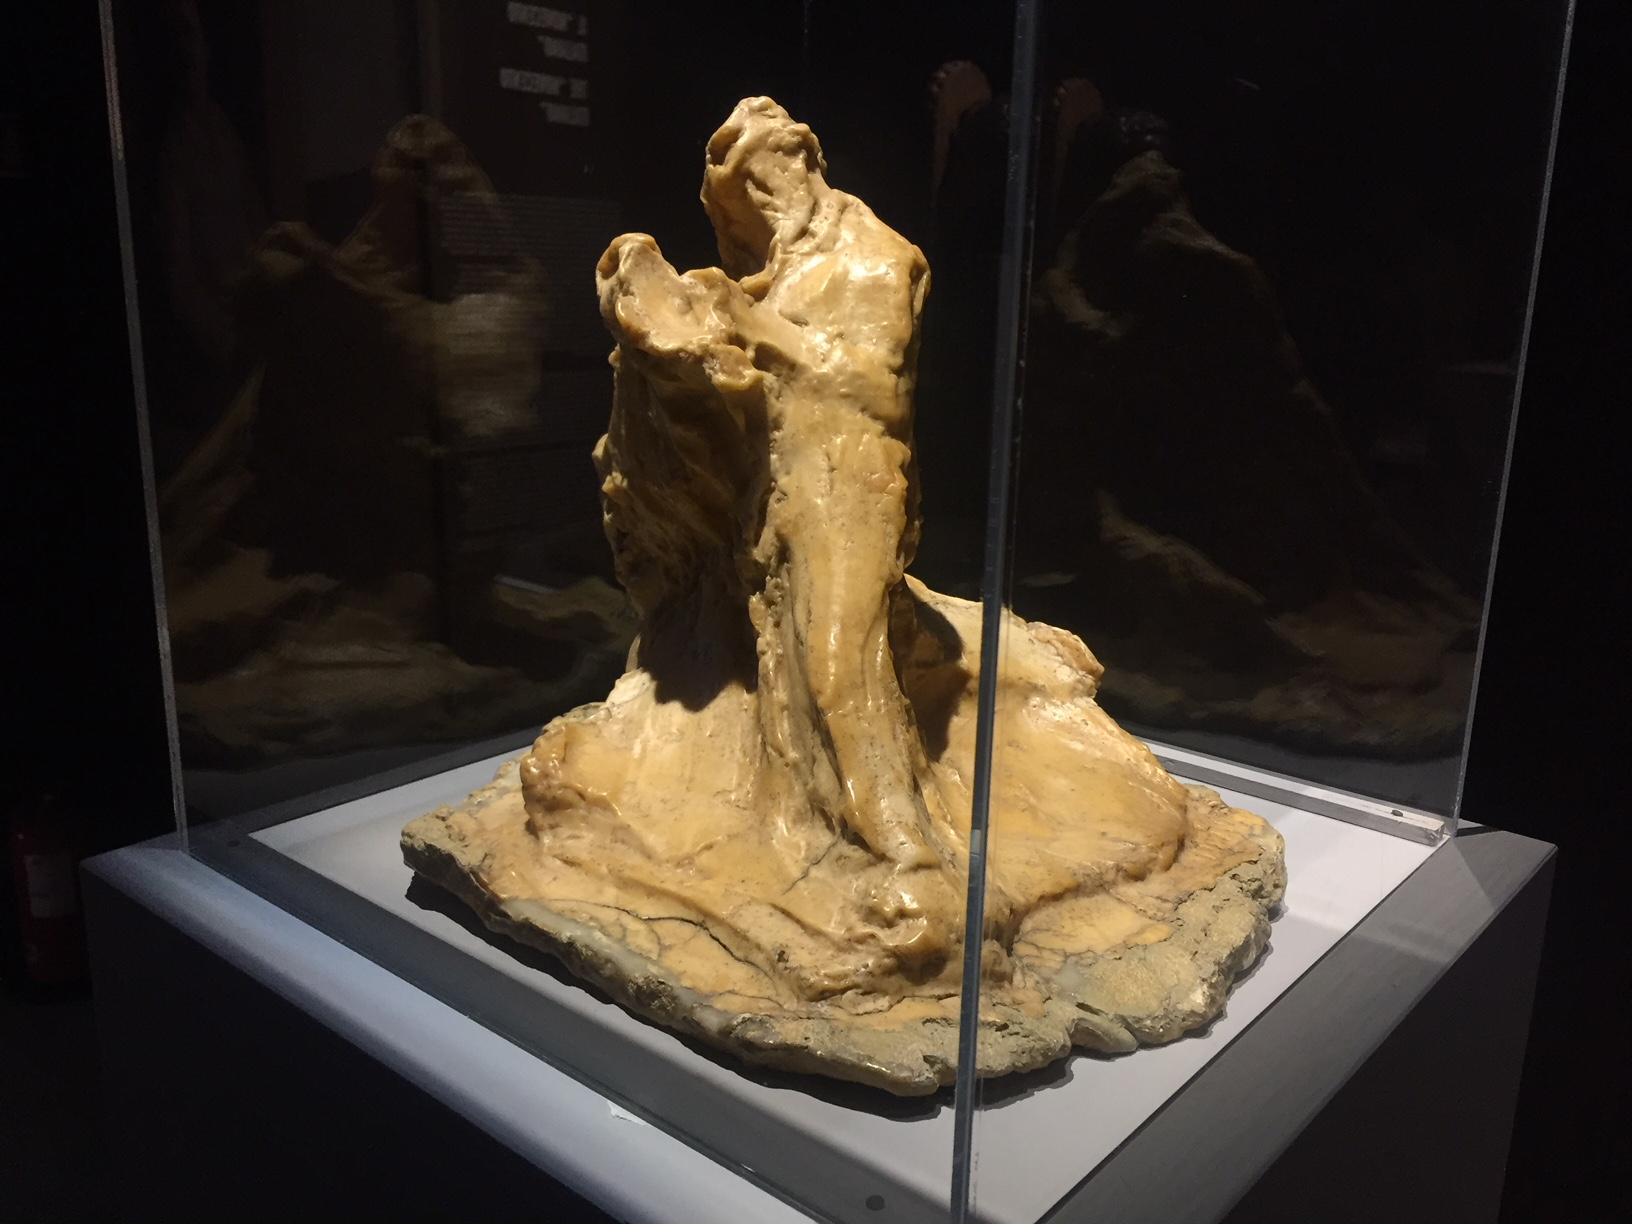 Medardo Rosso alla mostra Margherita Sarfatti, Museo del Novecento, Milano